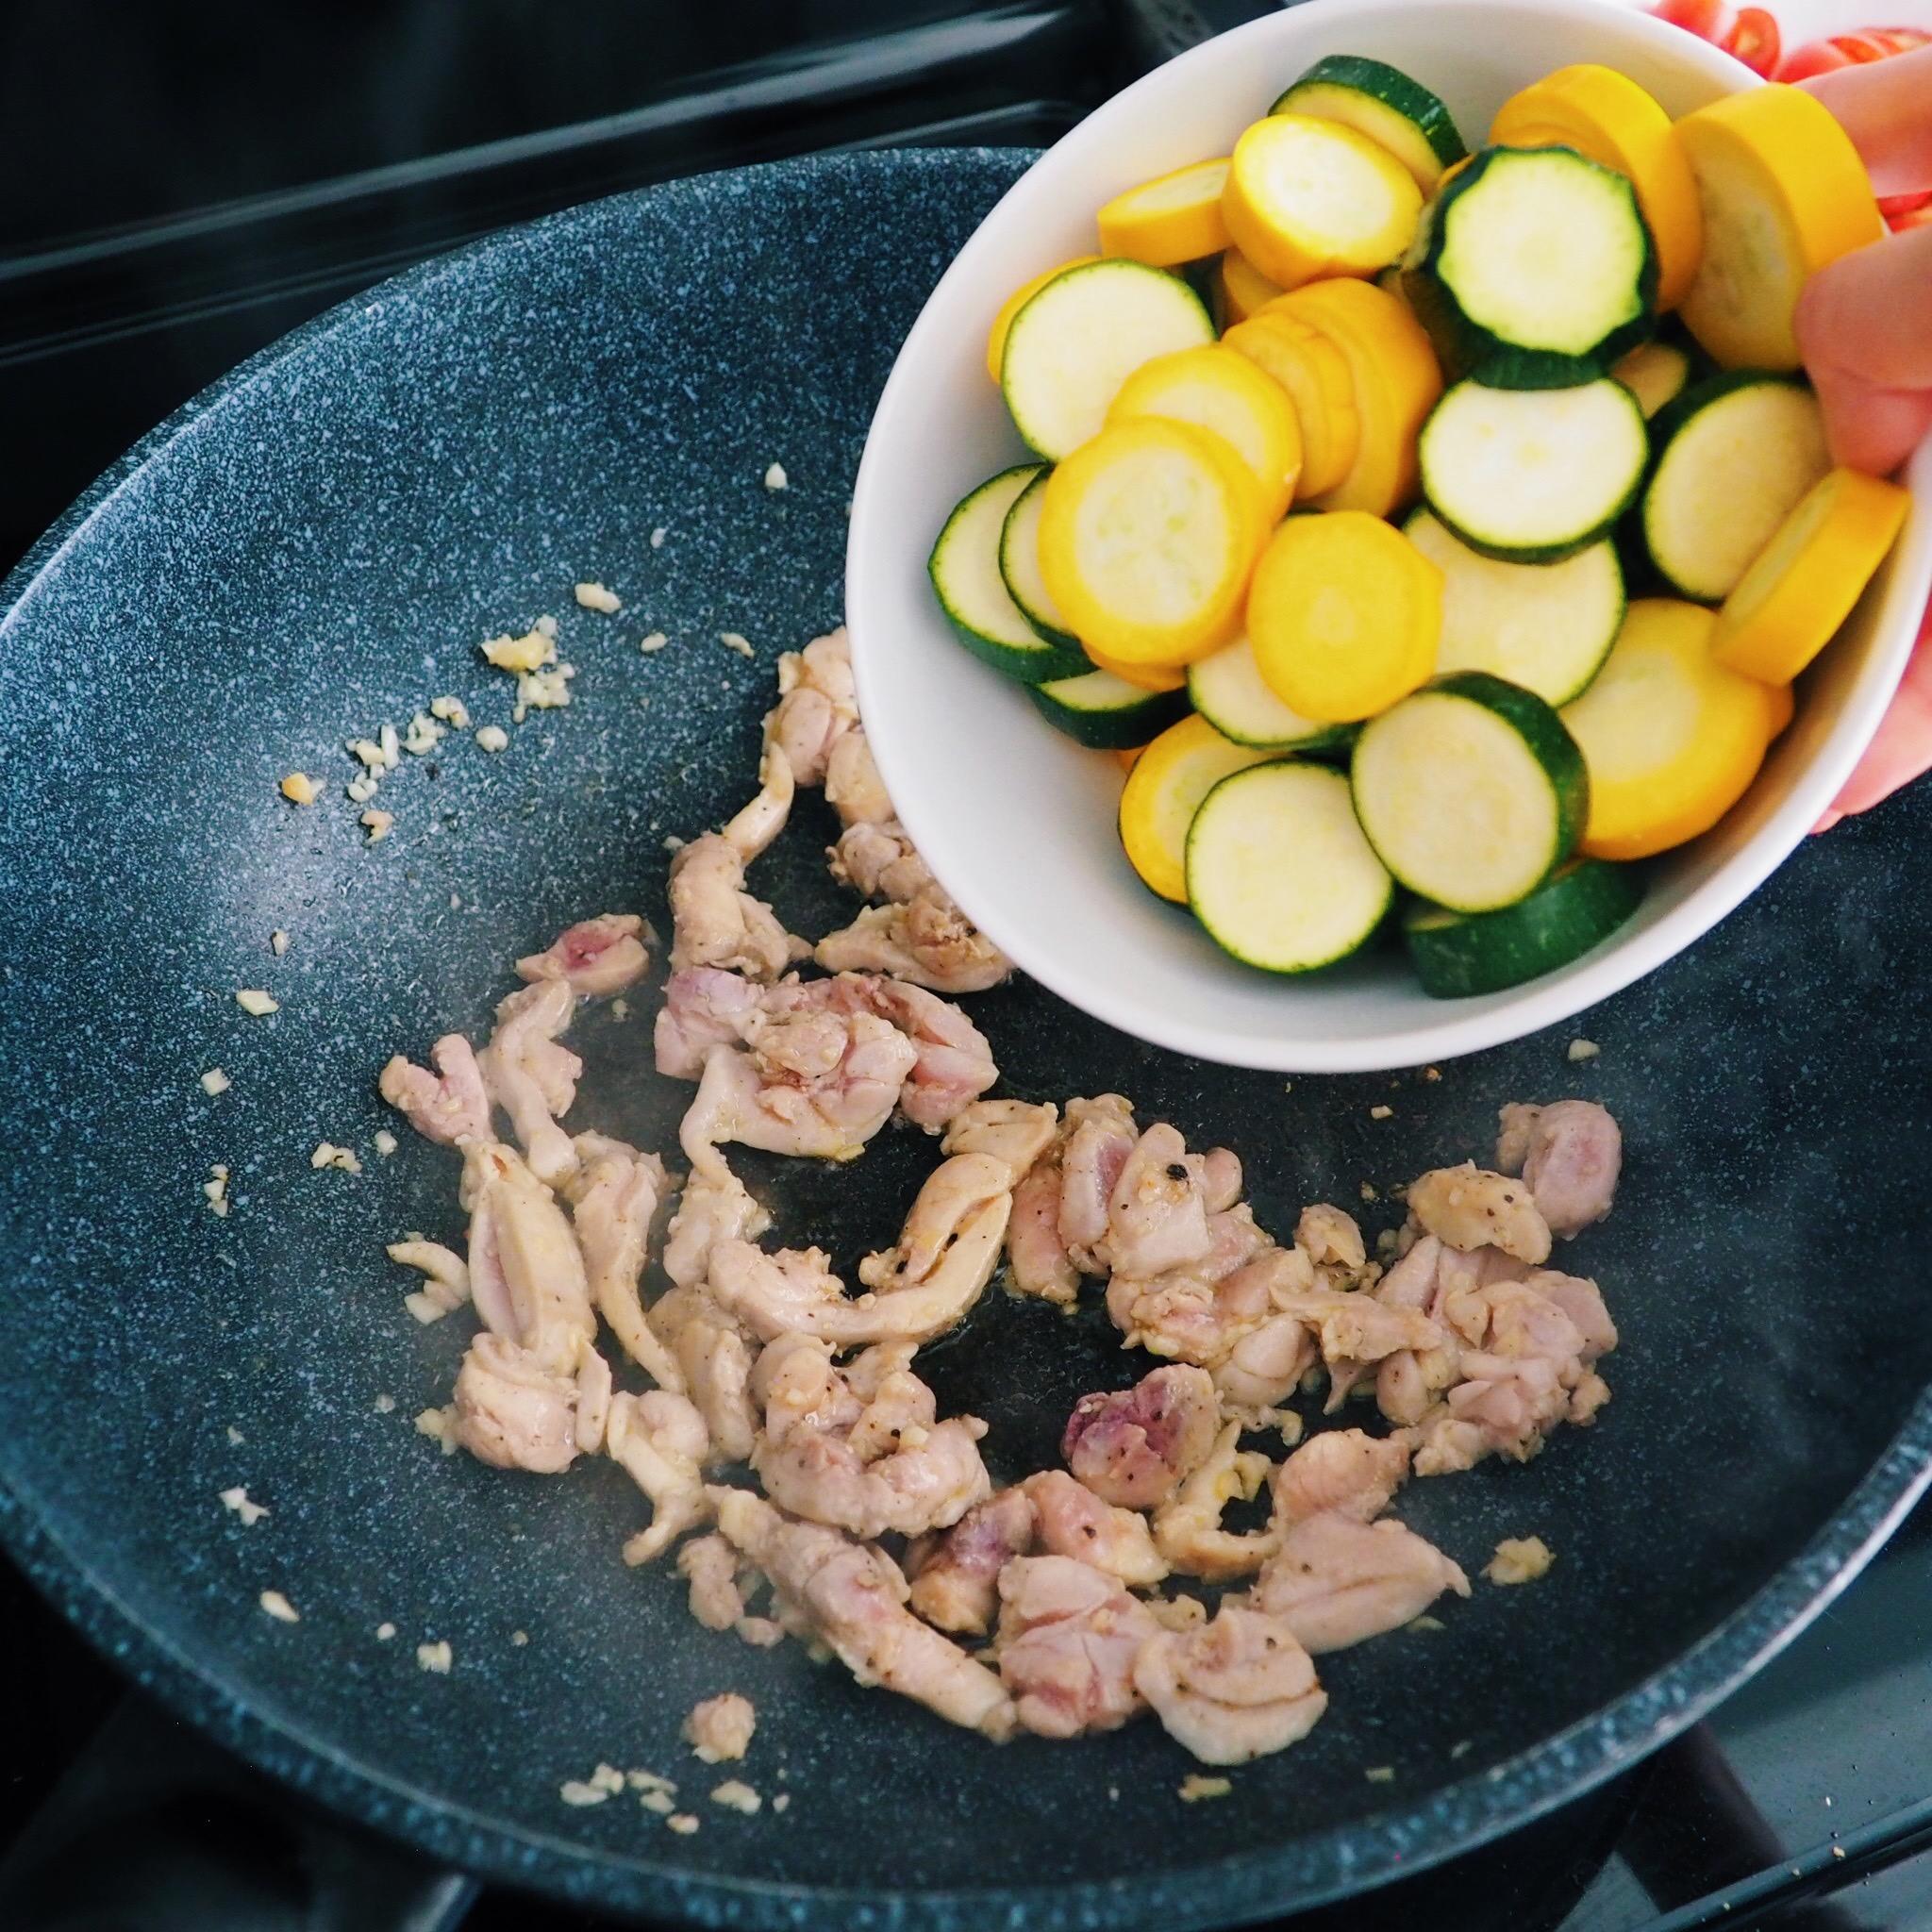 zucchini for Chicken Tomato Zucchini Pasta